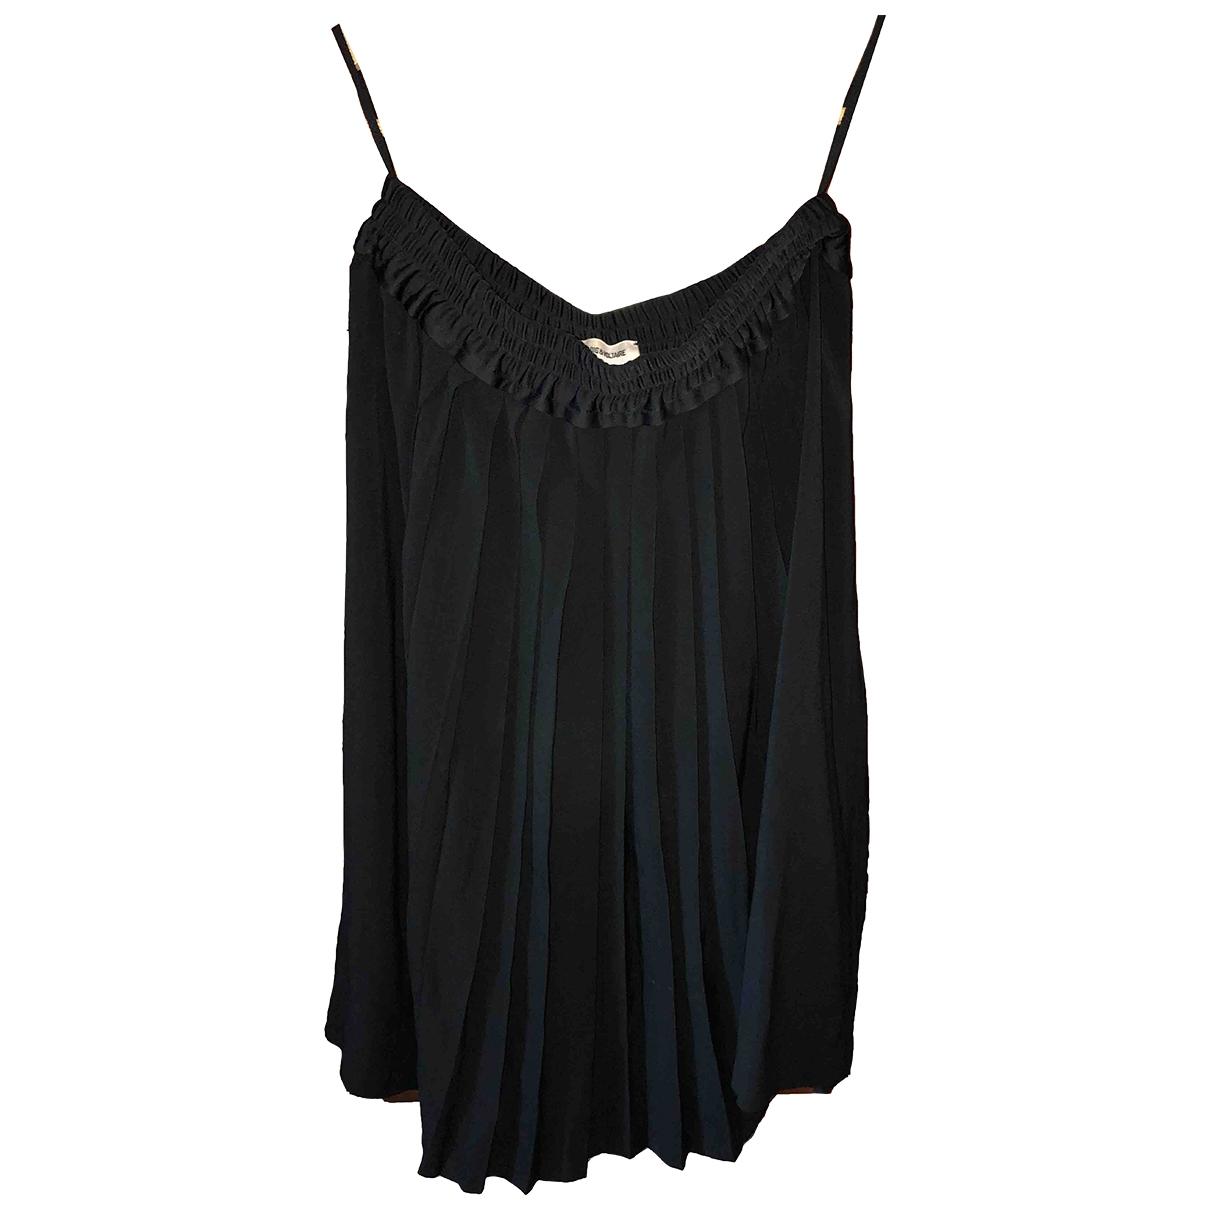 Zadig & Voltaire Fall Winter 2019 Black skirt for Women 40 FR